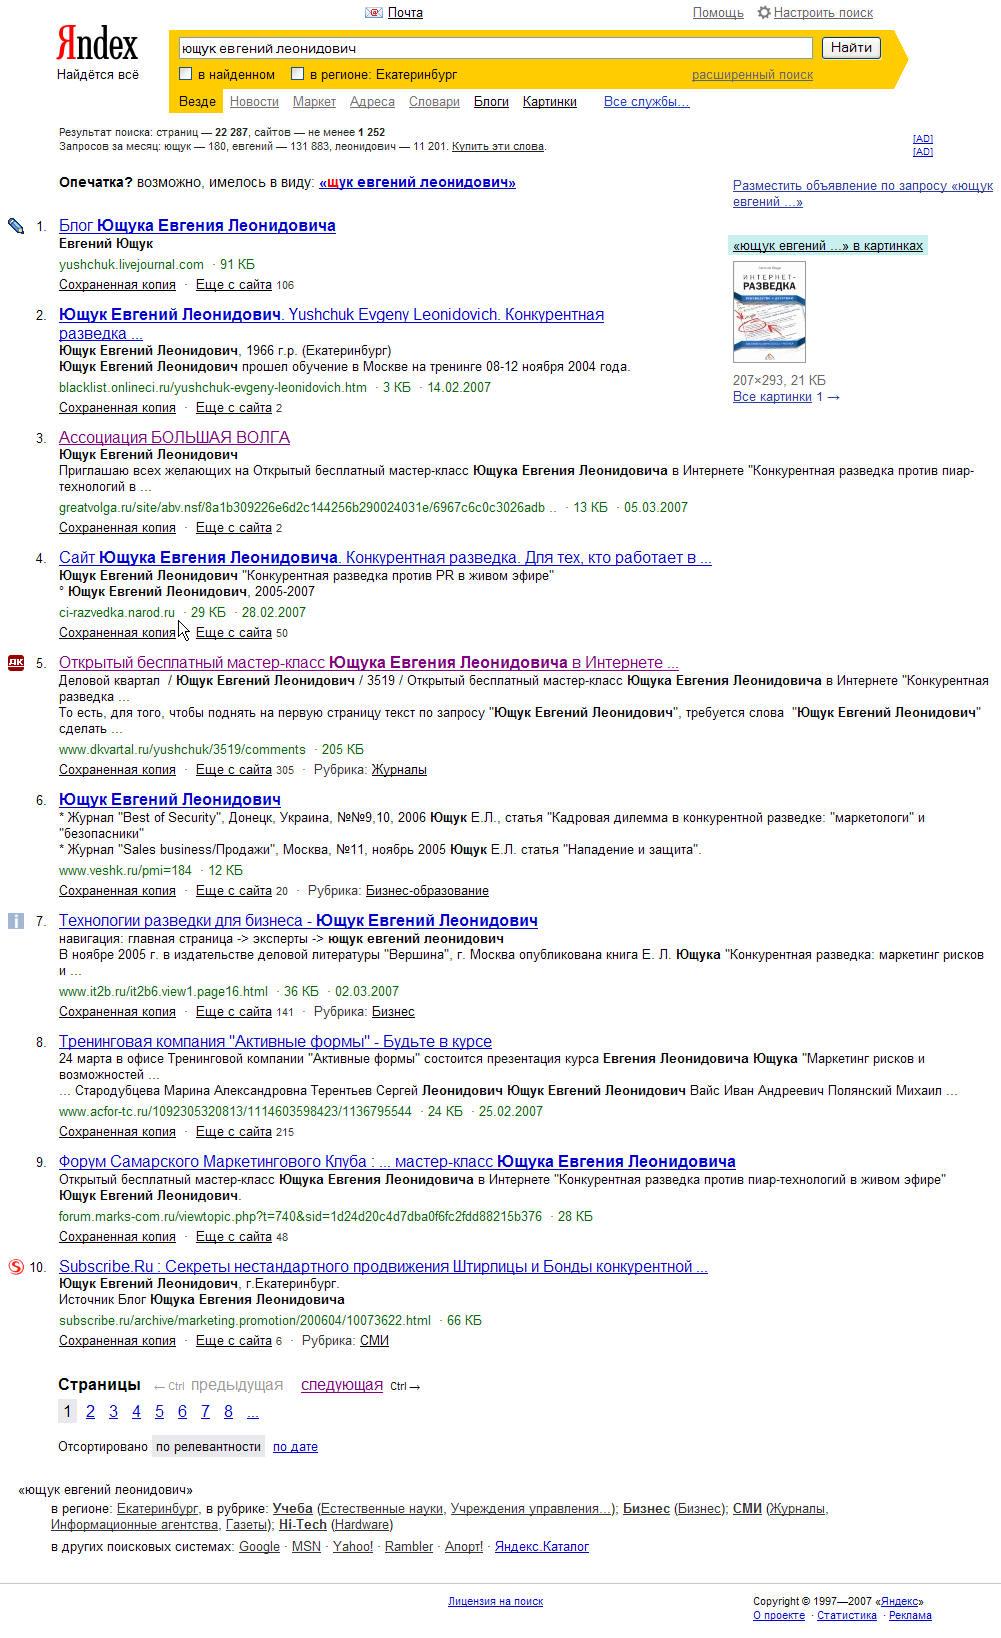 Кузнецов Сергей Валентинович в Гугле 27.02.07